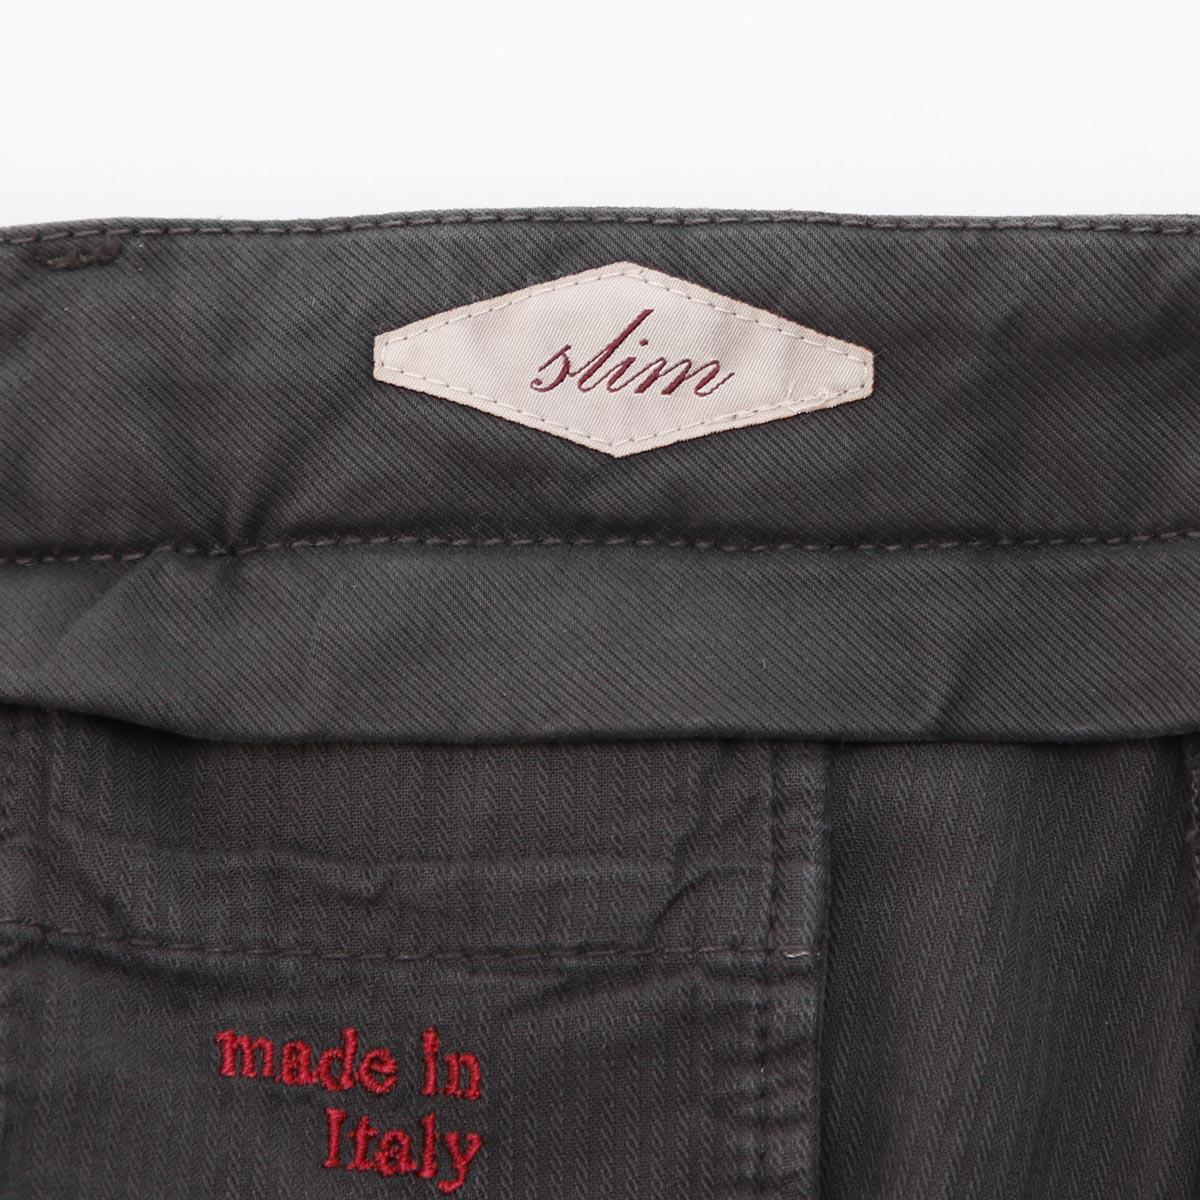 【タイムセール BTMS】BRIGLIA 1949 ブリリア ノープリーツ コットンパンツ/チノパン/BG03T SLIM FIT メンズ